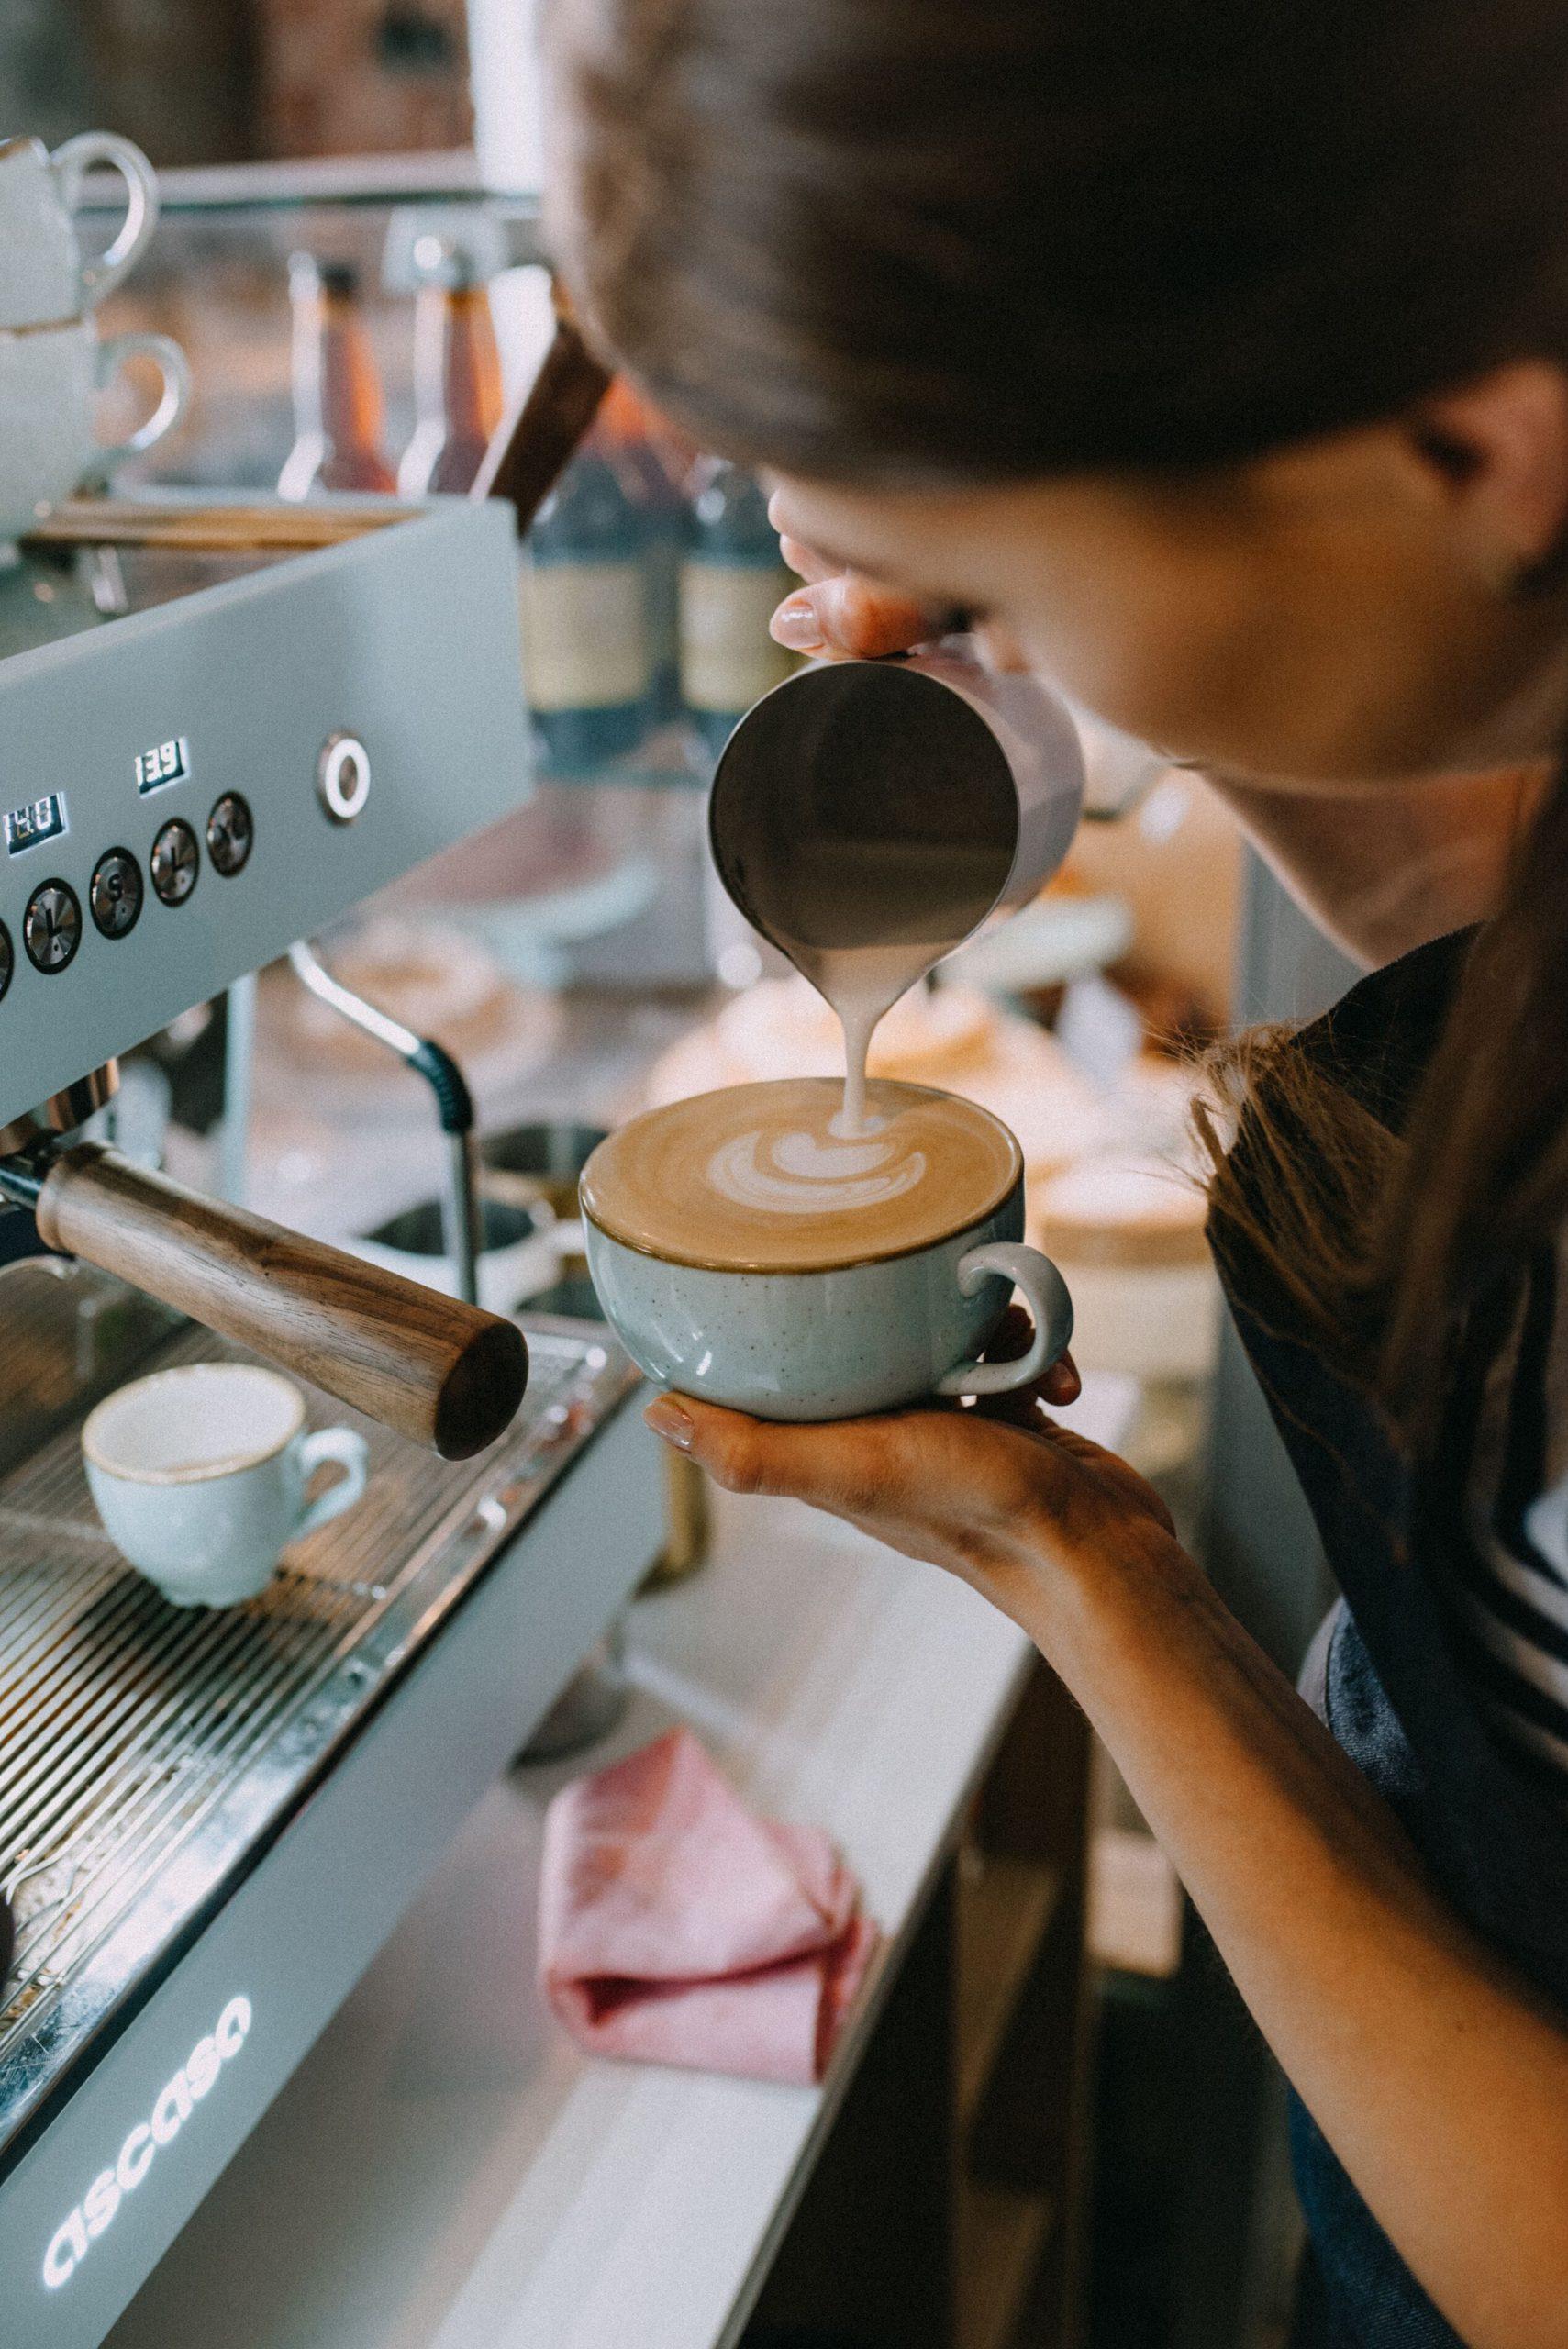 wynajem mobilnego baru kawowego w bialymstoku